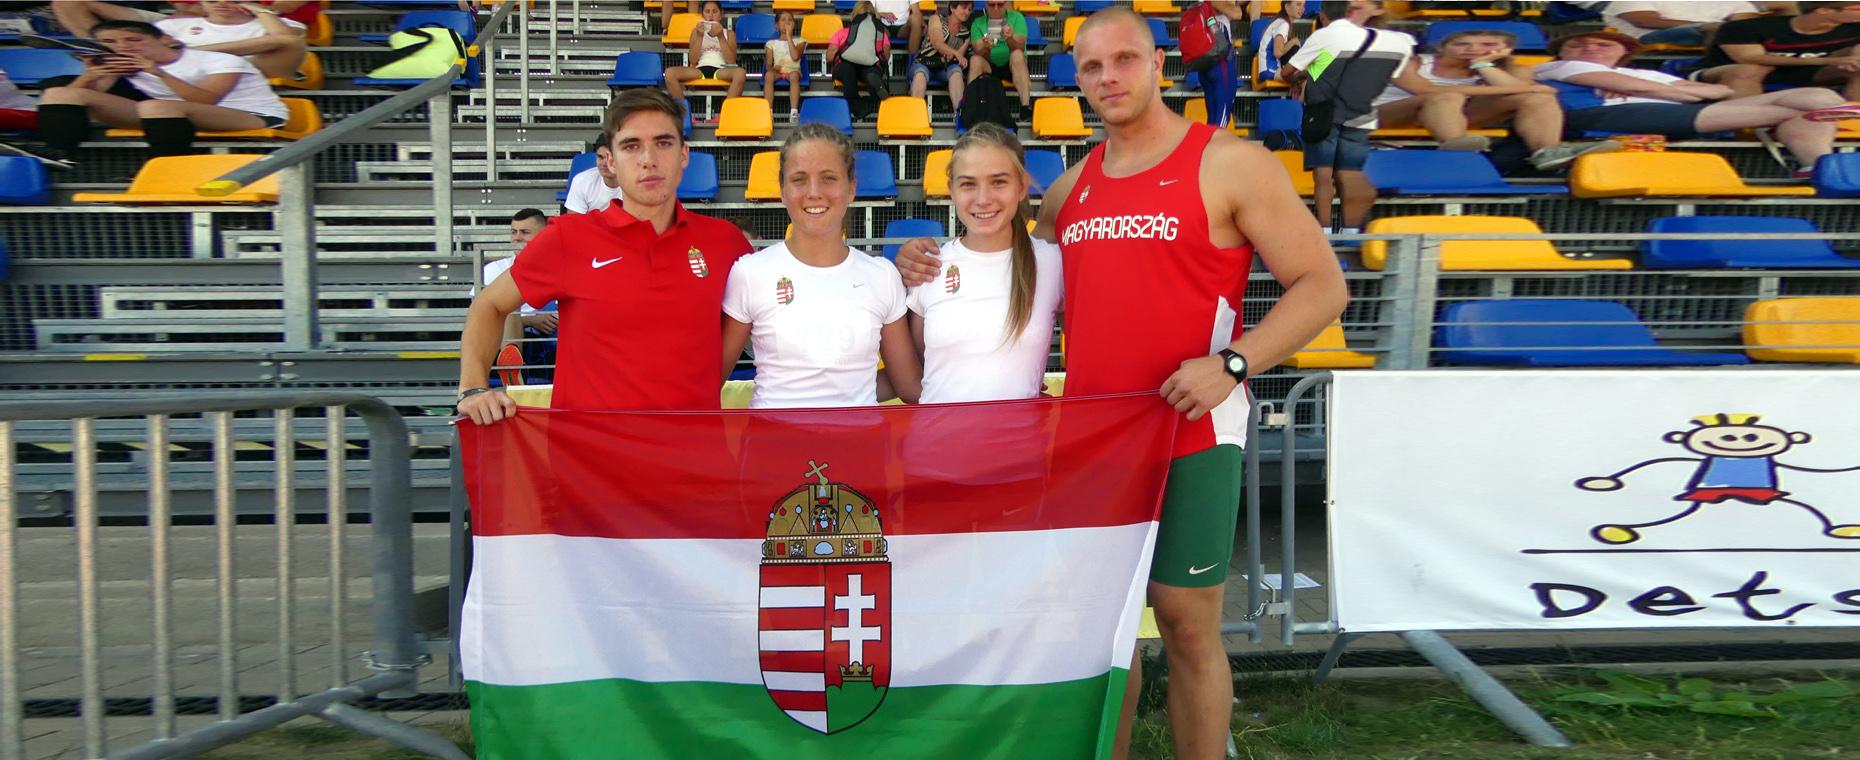 U20-as válogatott 2017: Diószegi Dávid, Pavuk Tíra, Novák Natália, Szebegyiszki Richárd